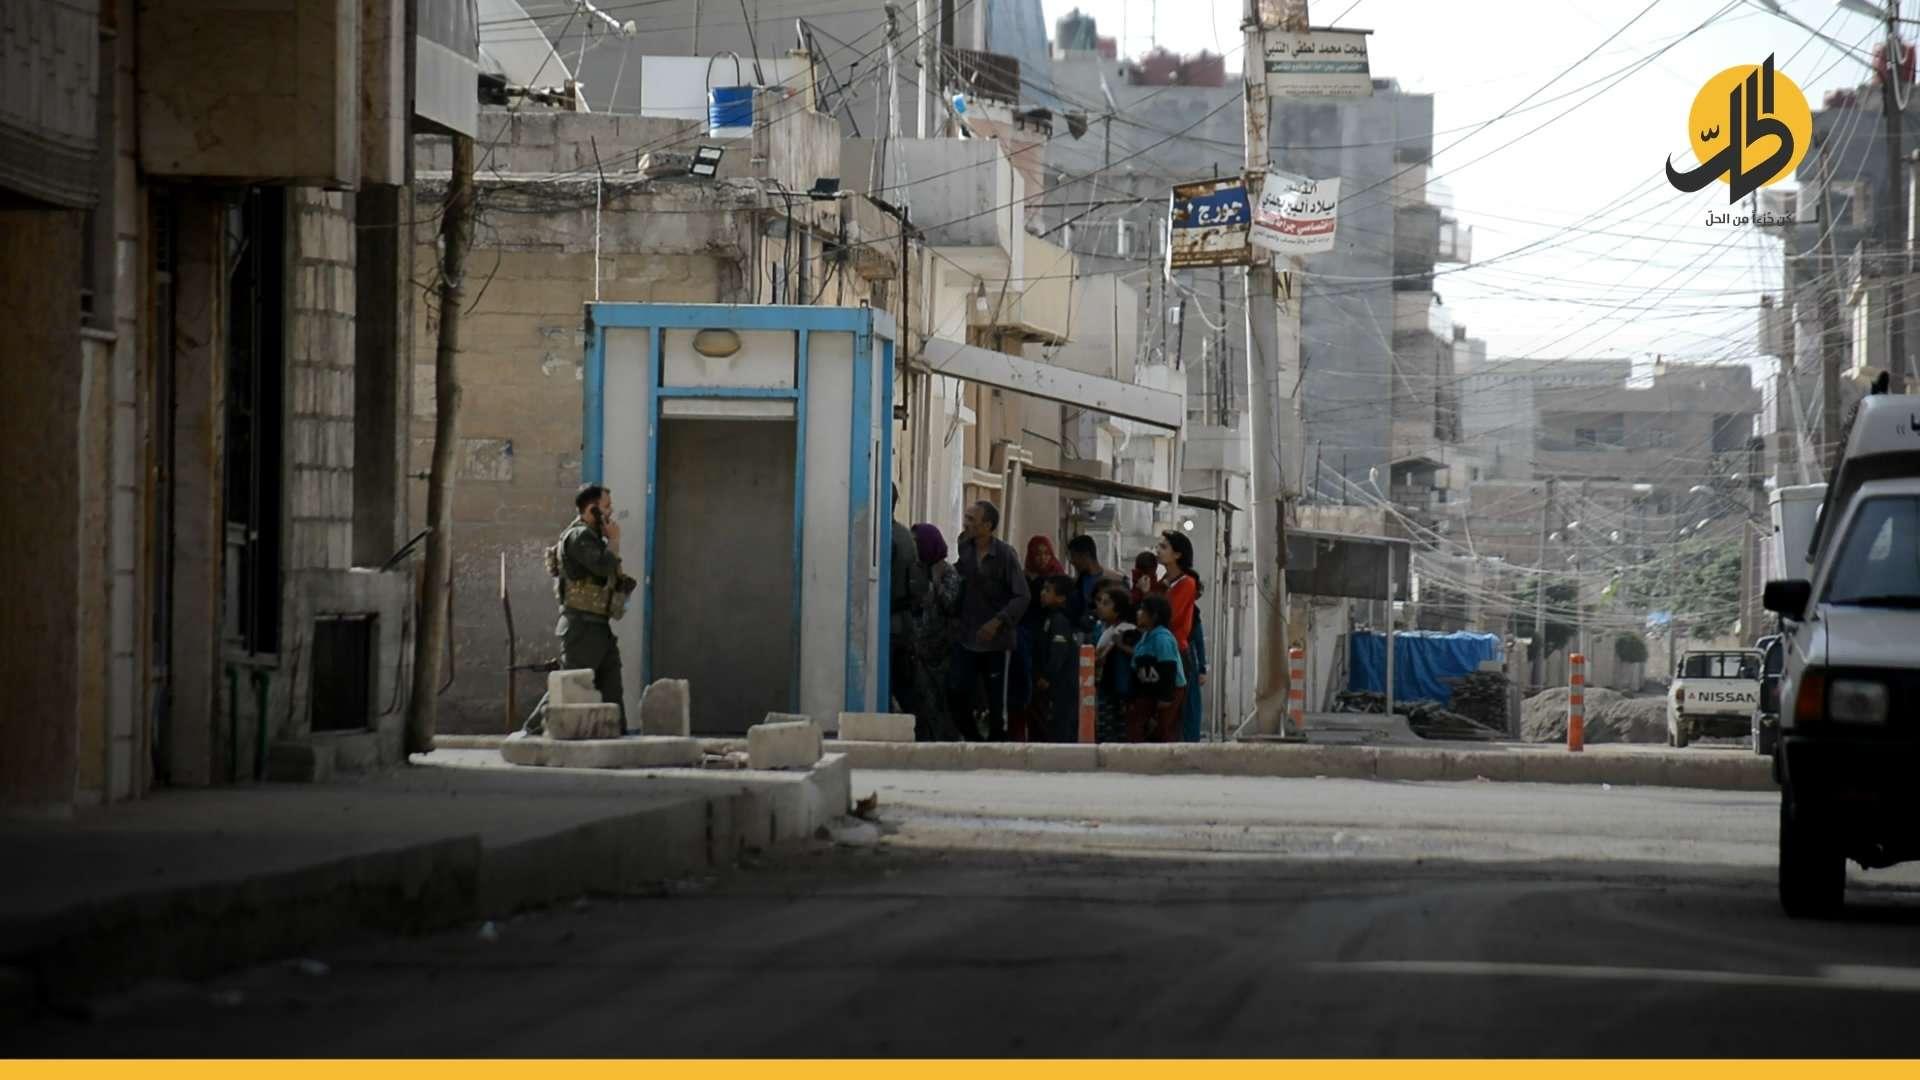 """مواجهات جديدة تخرق الهدنة في """"القامشلي"""" بعد مقتل عضو في لجنة الوساطة"""